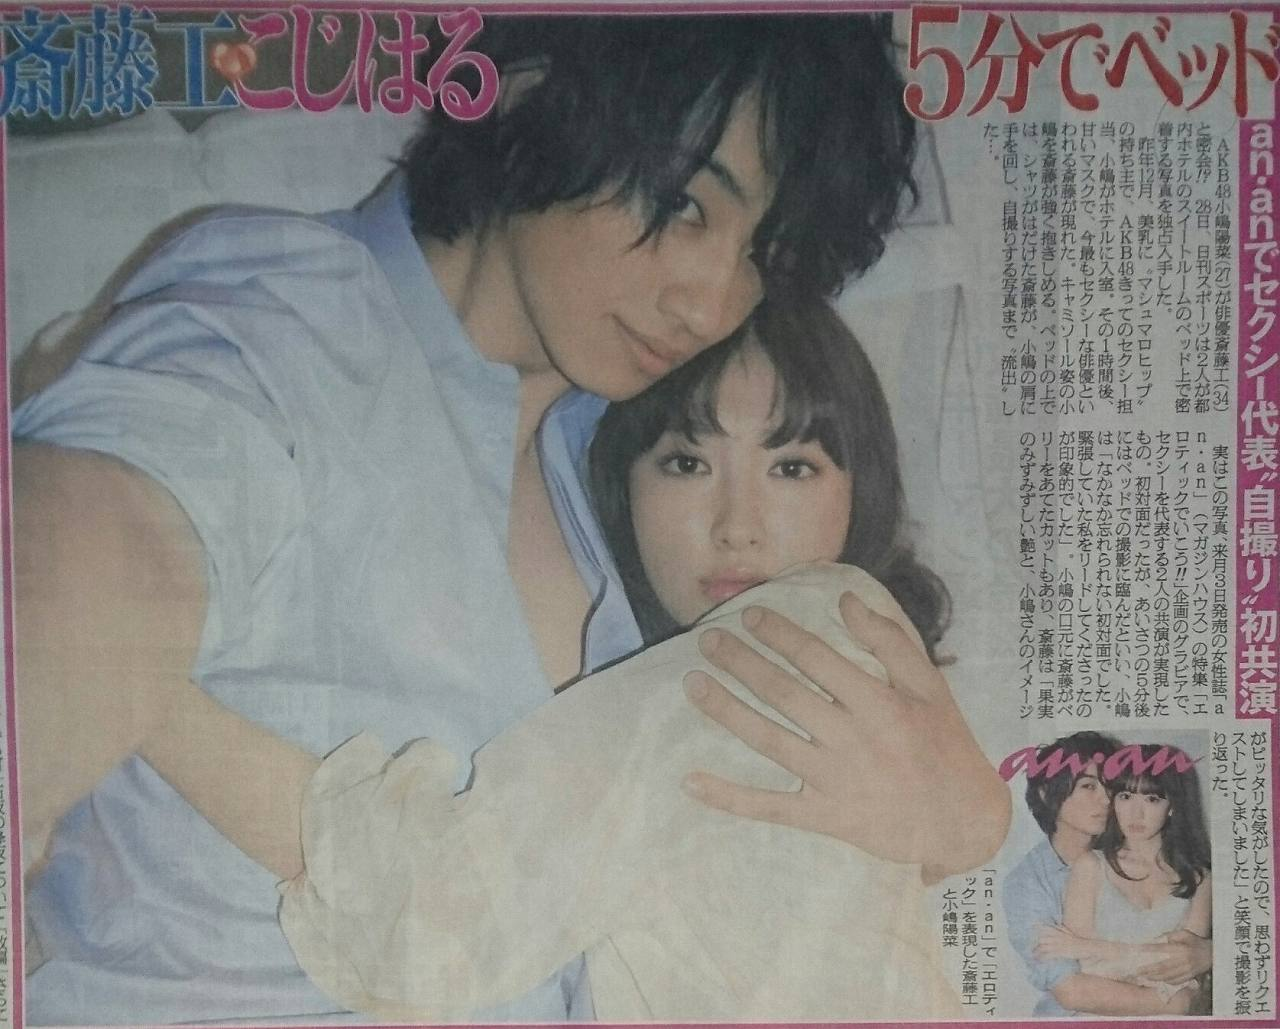 「anan(アンアン)」グラビア、ベッドの上で抱き合う斎藤工と小嶋陽菜